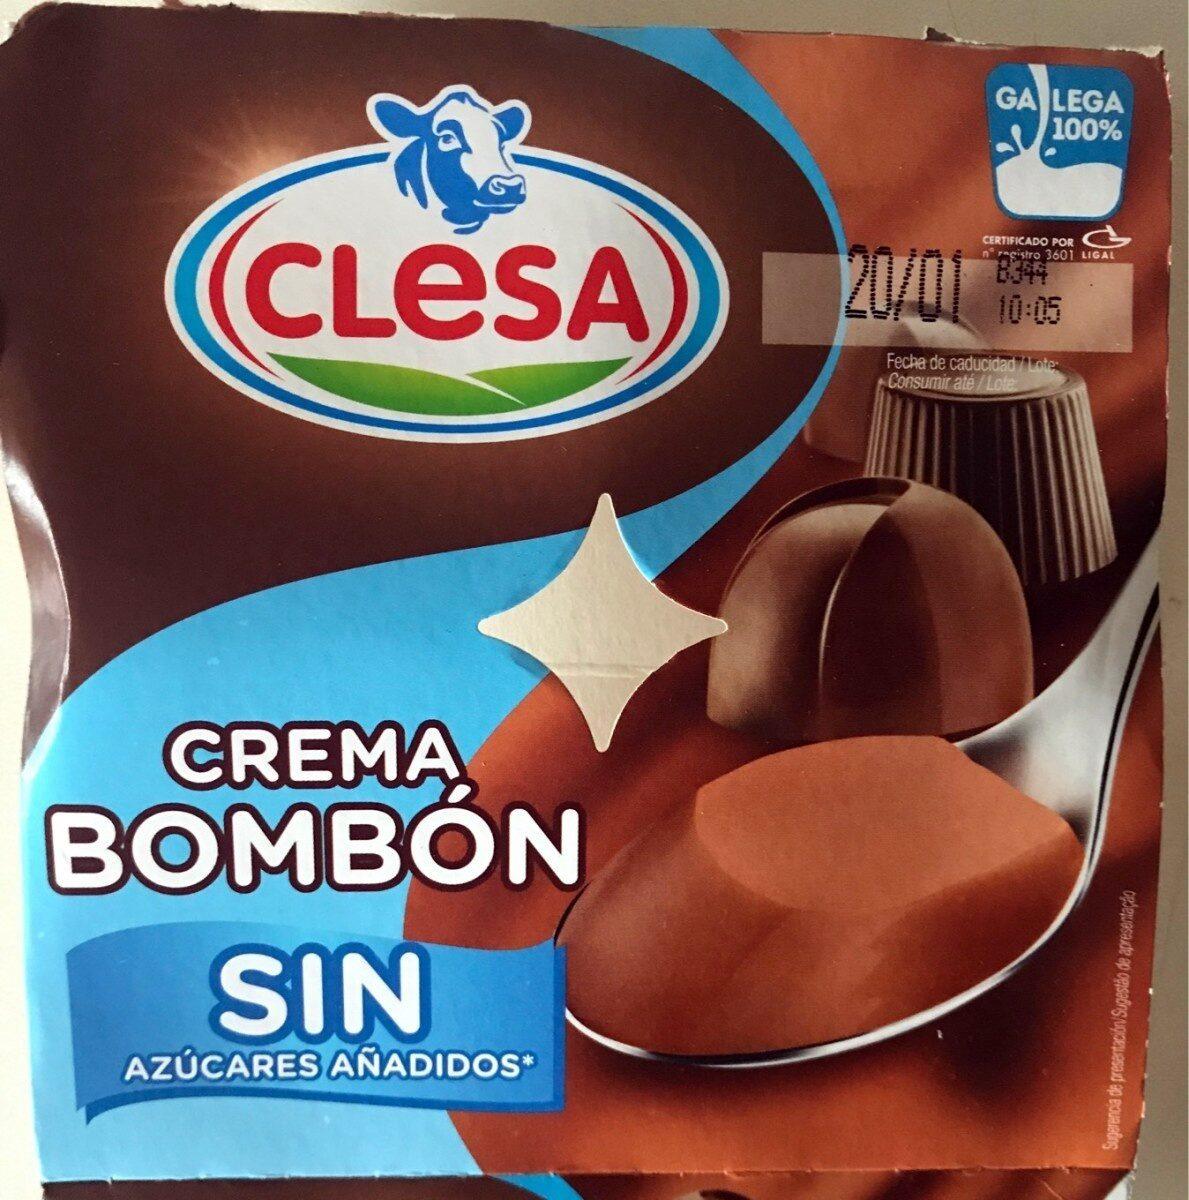 Crema bombón sin azúcares añadidos - Producte - es